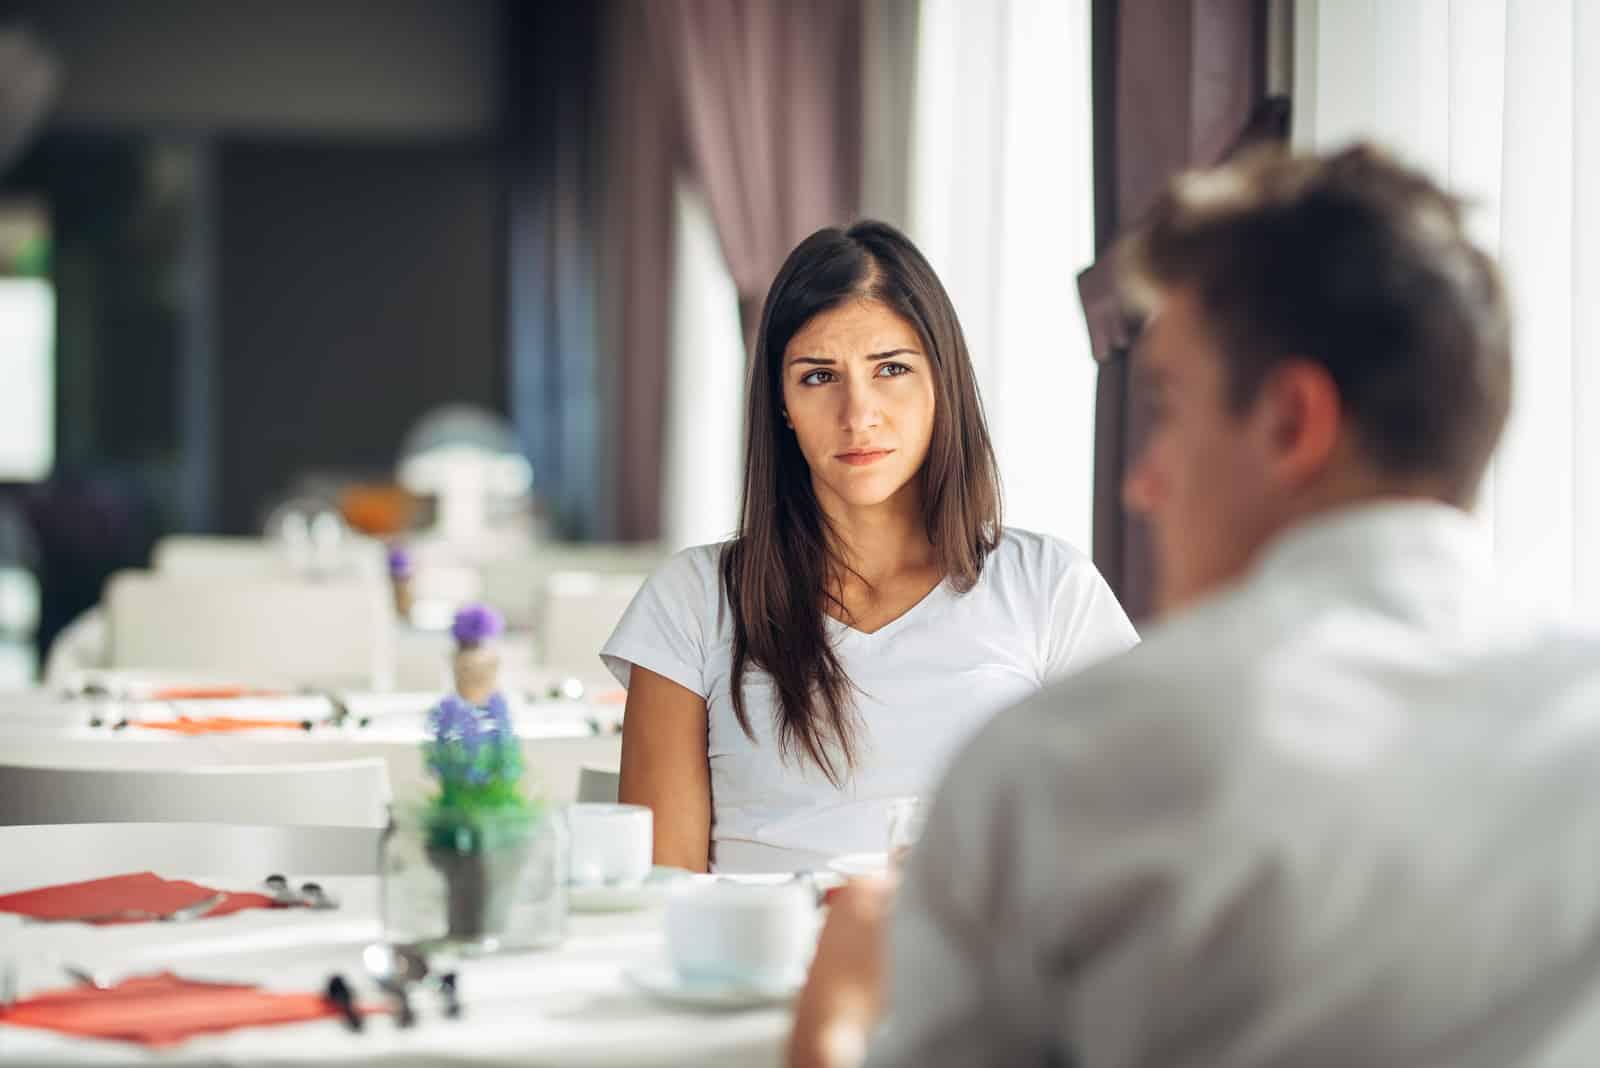 un homme dans une femme assis à une table et parlant